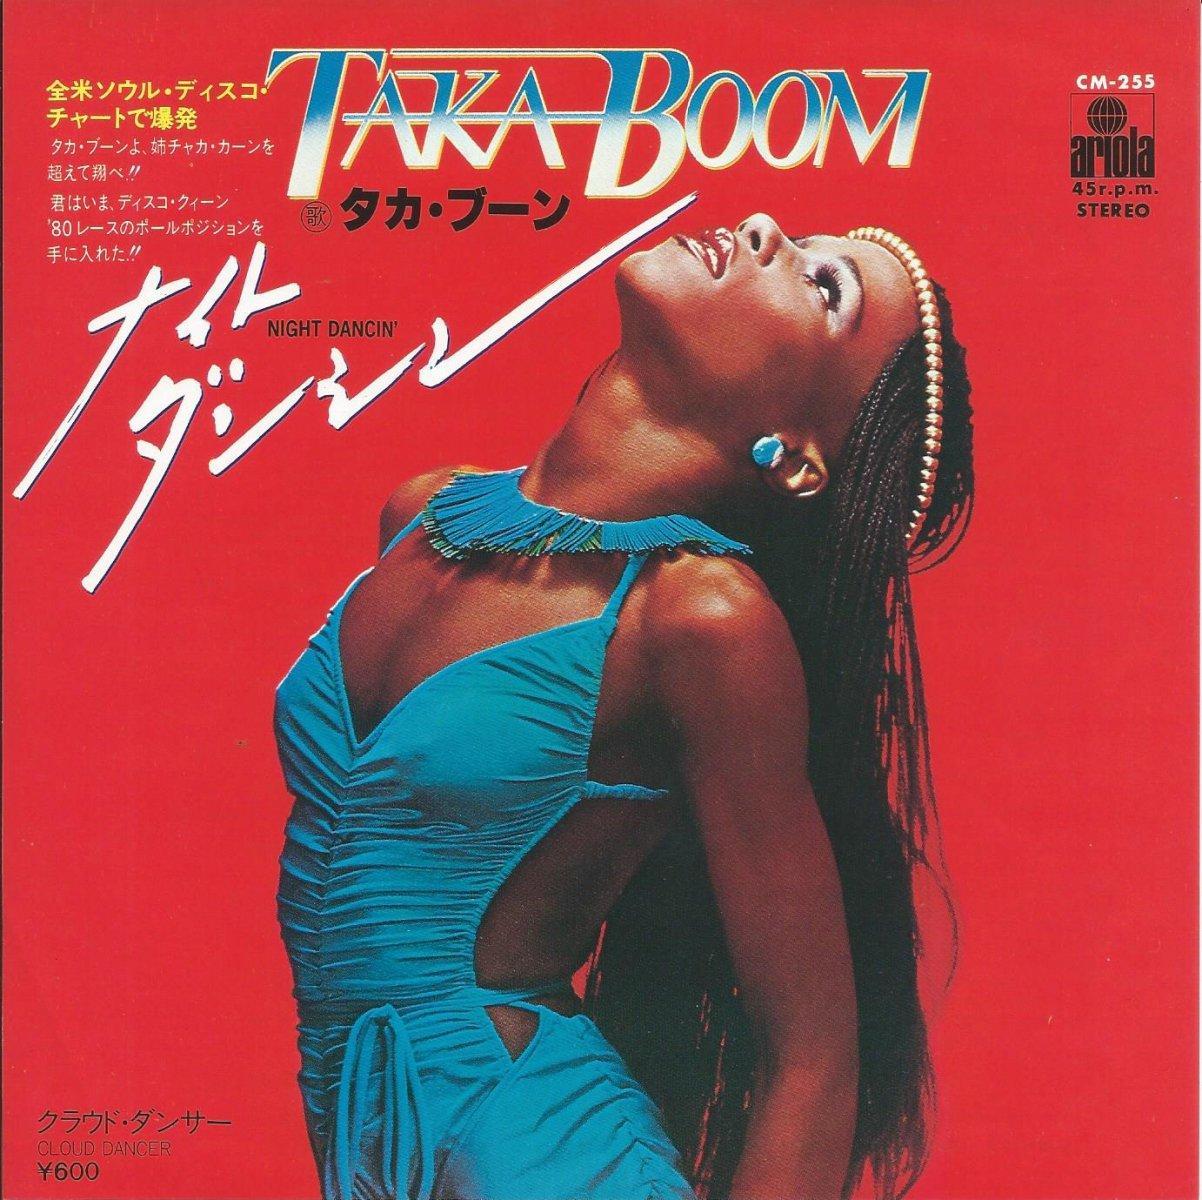 タカ・ブーン TAKA BOOM / ナイト・ダンシン NIGHT DANCIN' (7